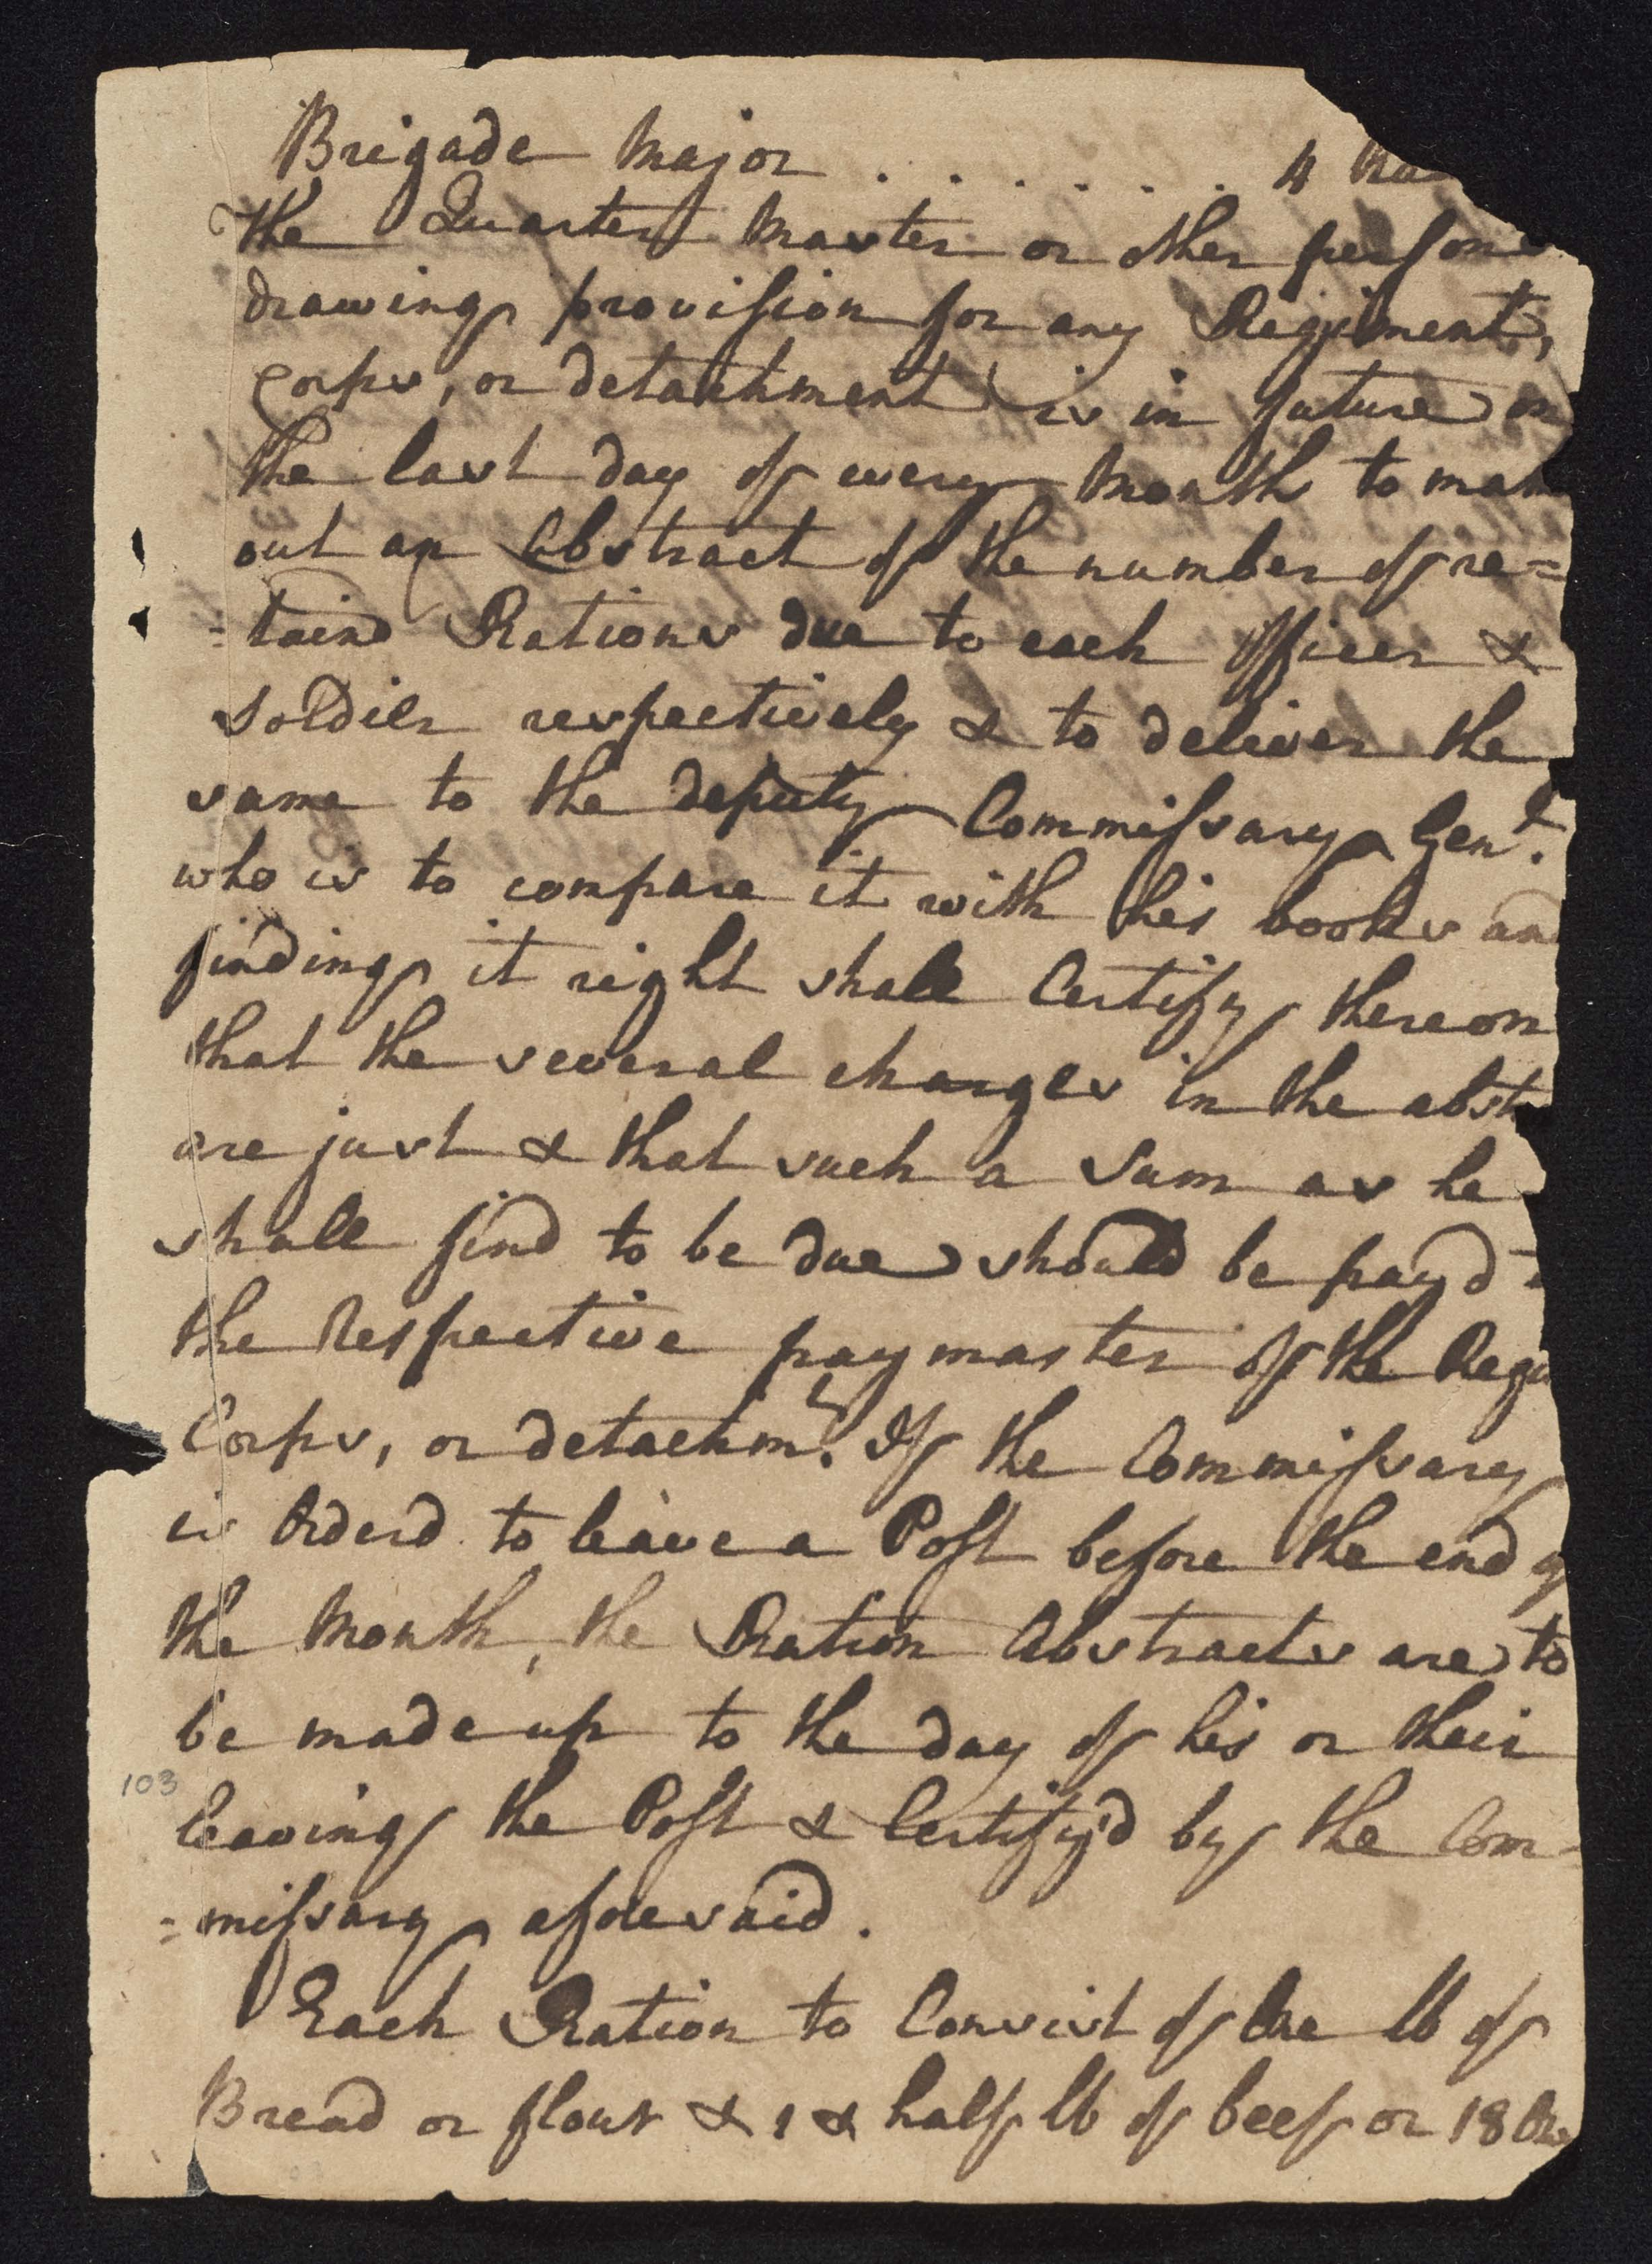 South Carolina Regiment Order Book, Page 205